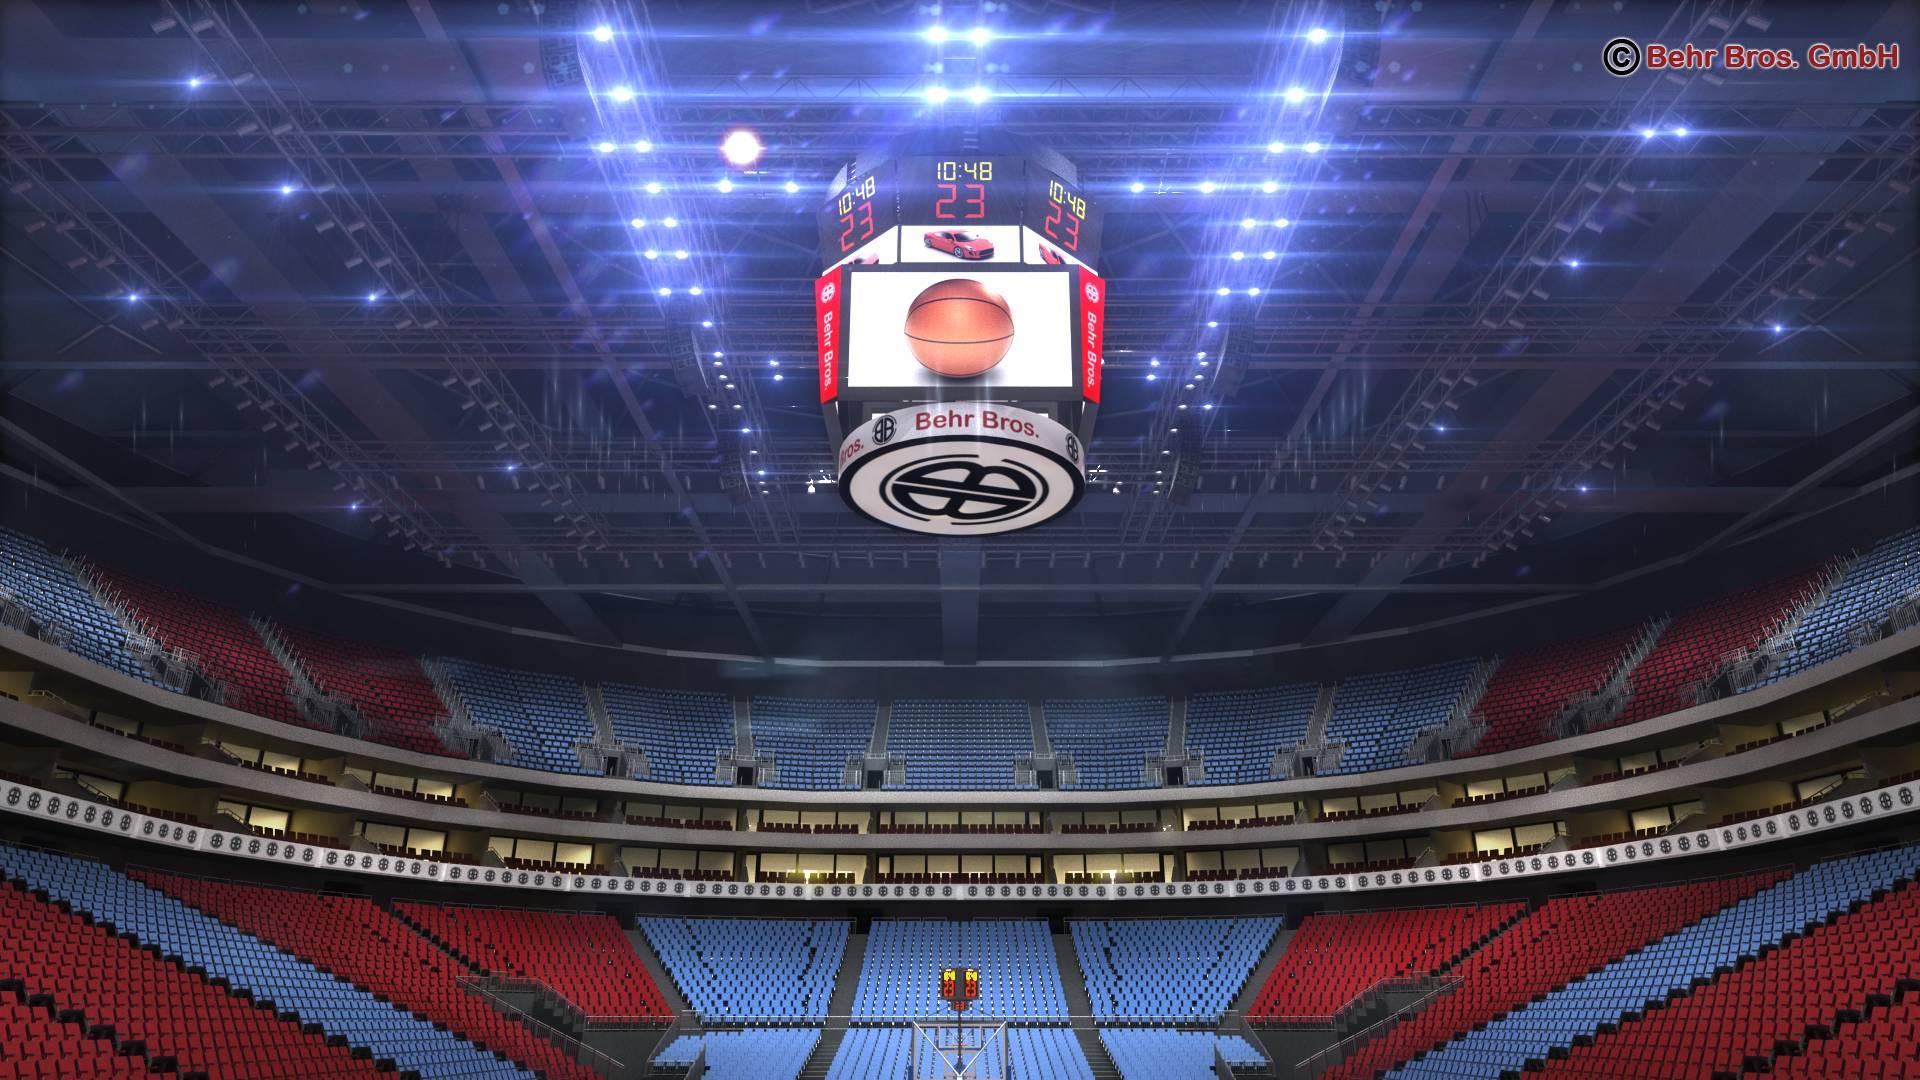 košarkaška arena v2 3d model 3ds max fbx c4d lwo ma mb obj 222370